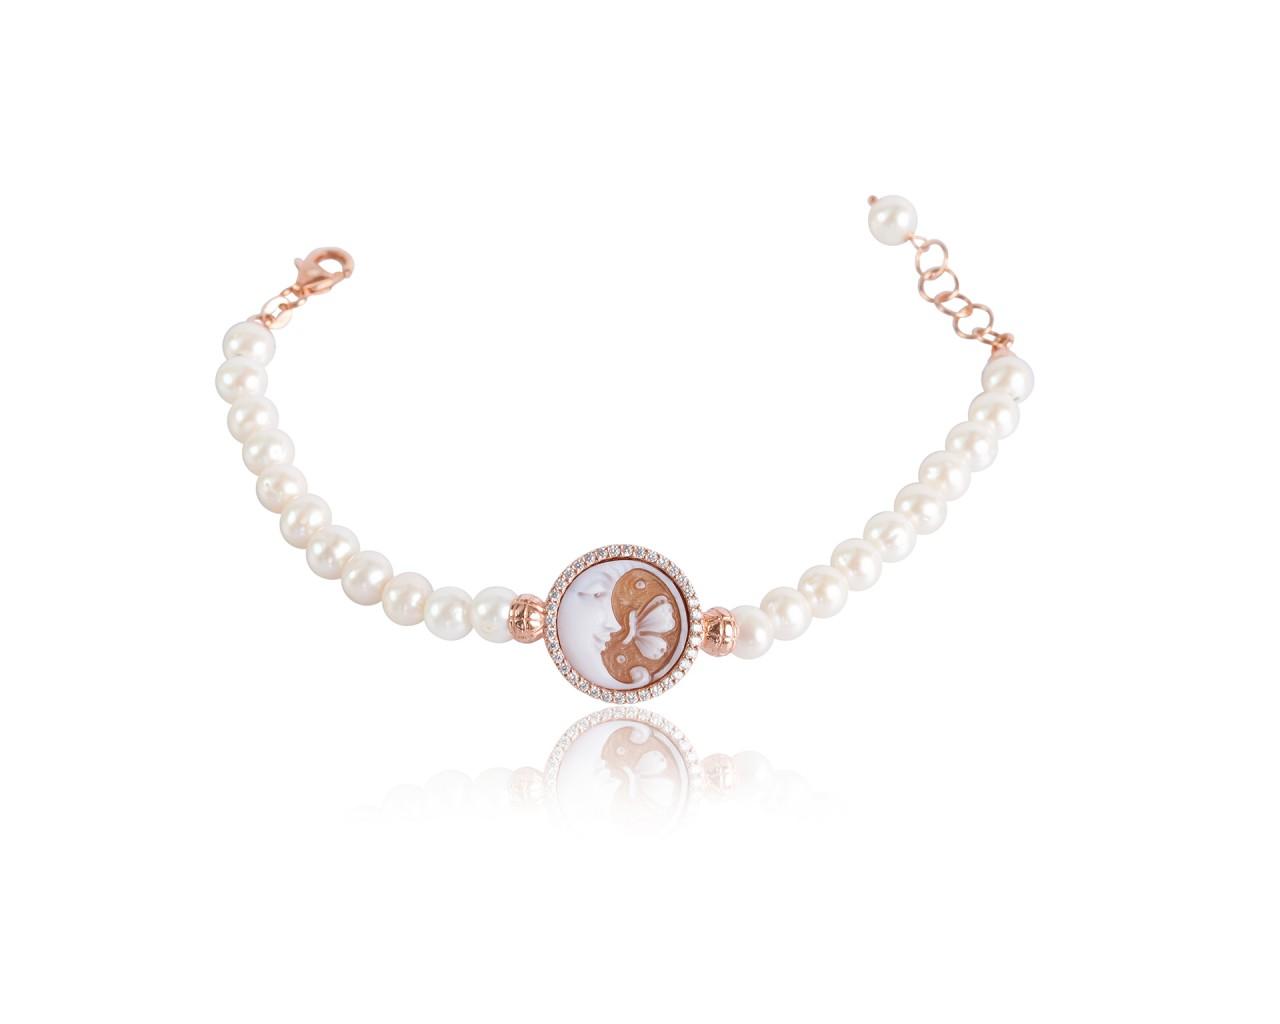 Bracciale in argento con finitura rosè e cammeo sardonico di forma tonda